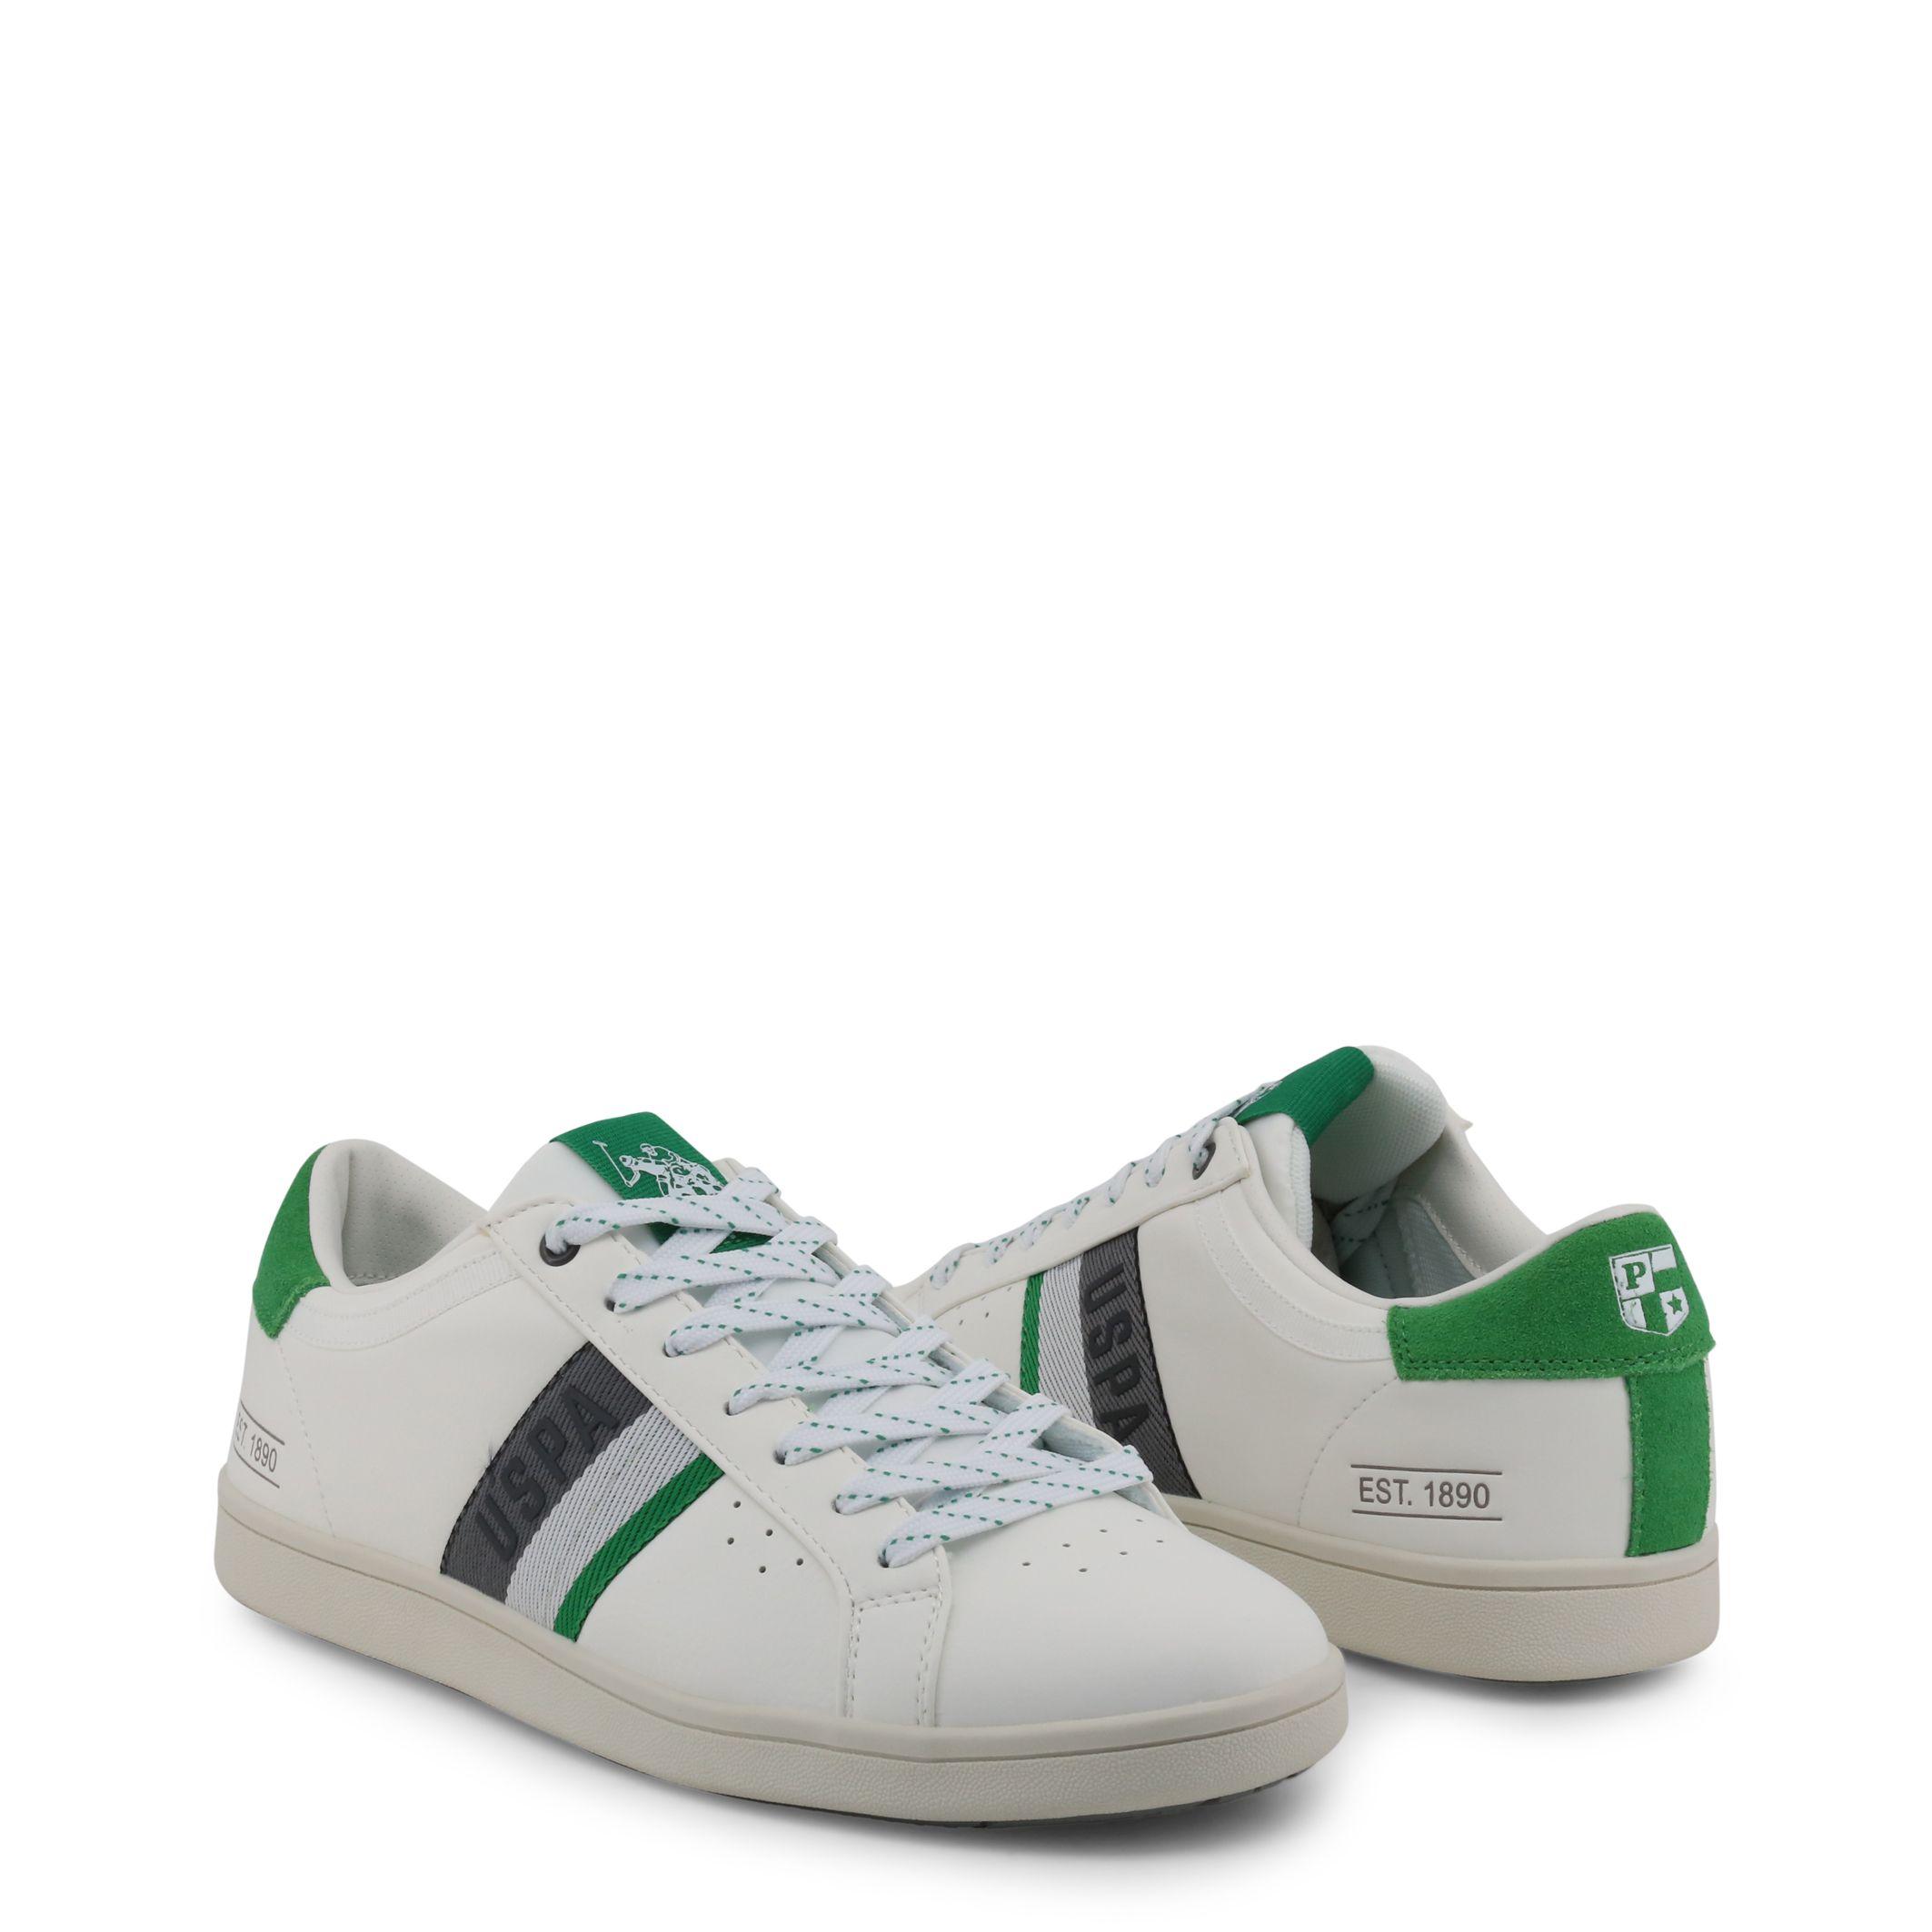 7f24a39e ... de Luxe Outlet Valencia. Zapatillas para hombre estilo tenis U.S.Polo  #luxeoutletvalencia #uspolo #zapatillas #sneakers #